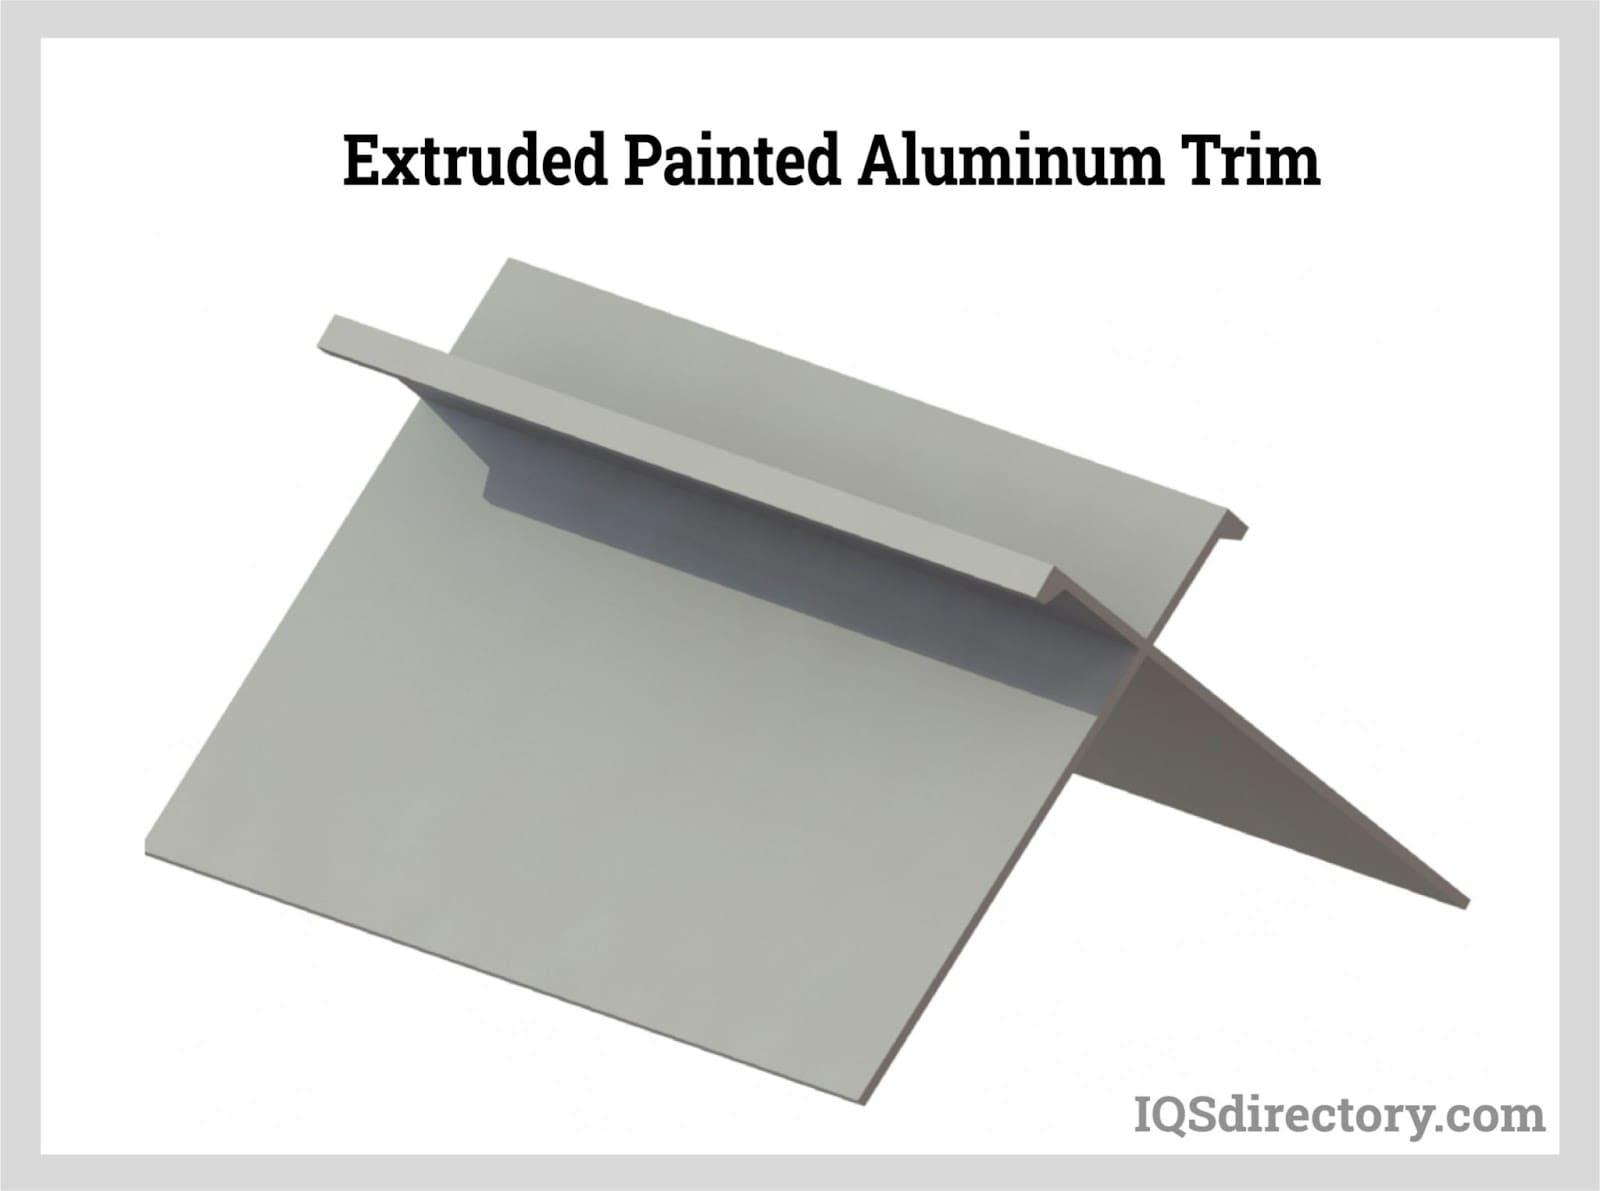 Extruded Painted Aluminum Trim